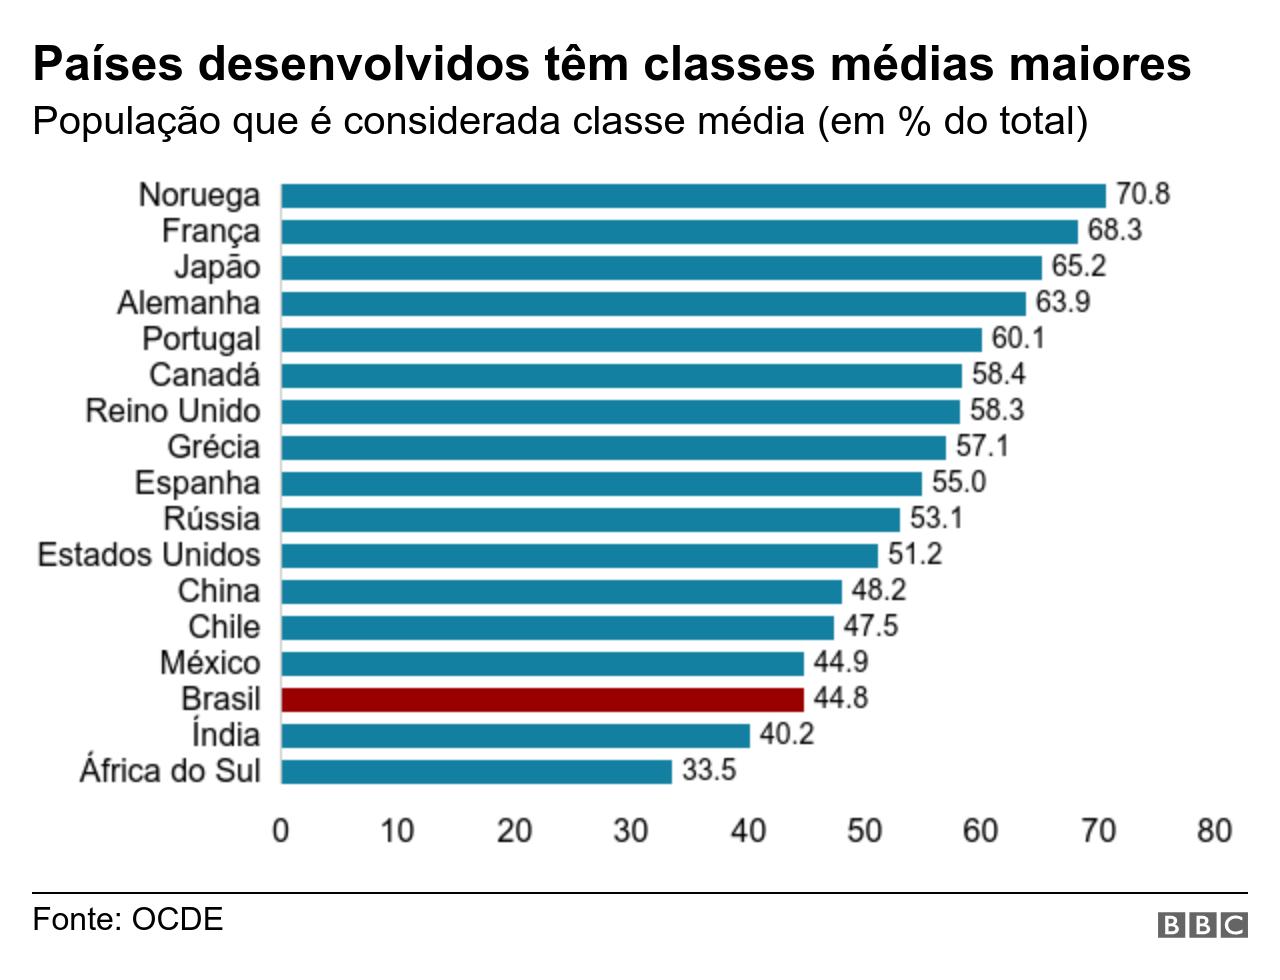 Grafico do tamanho da classe media